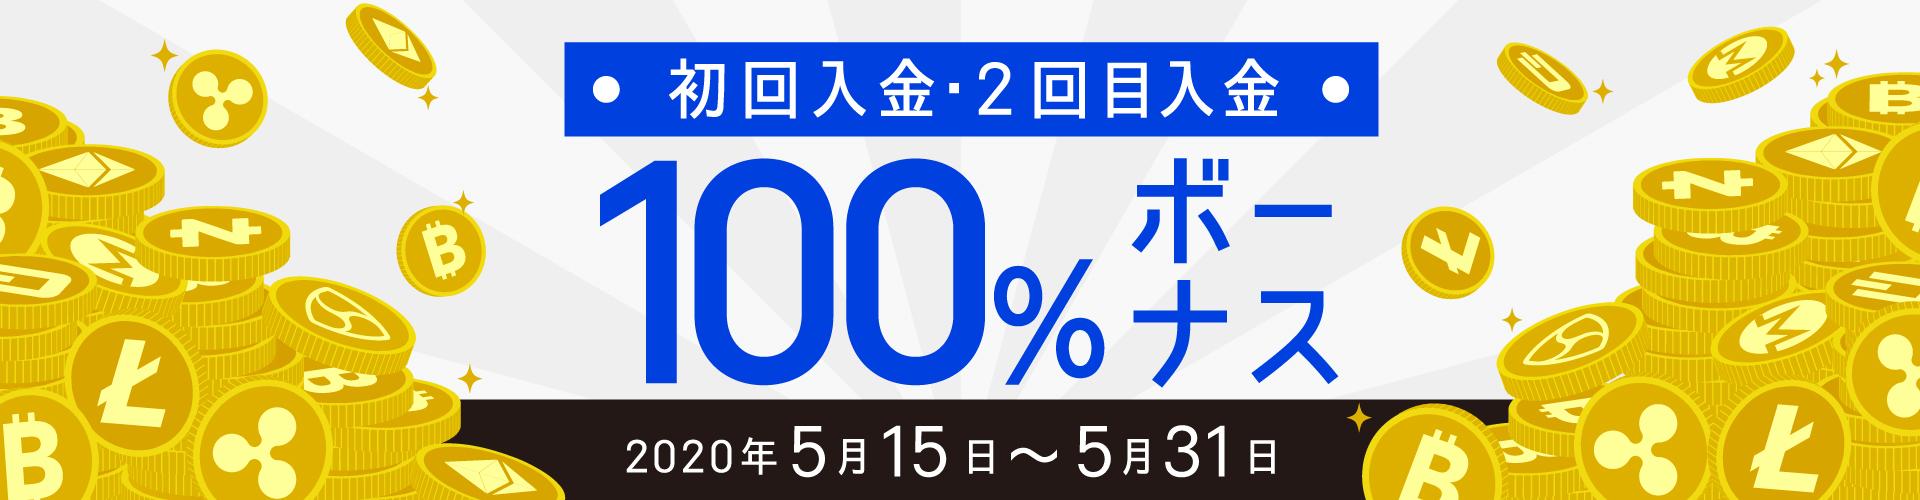 「CryptoGT」初回&2回目入金100%ボーナス実施中!